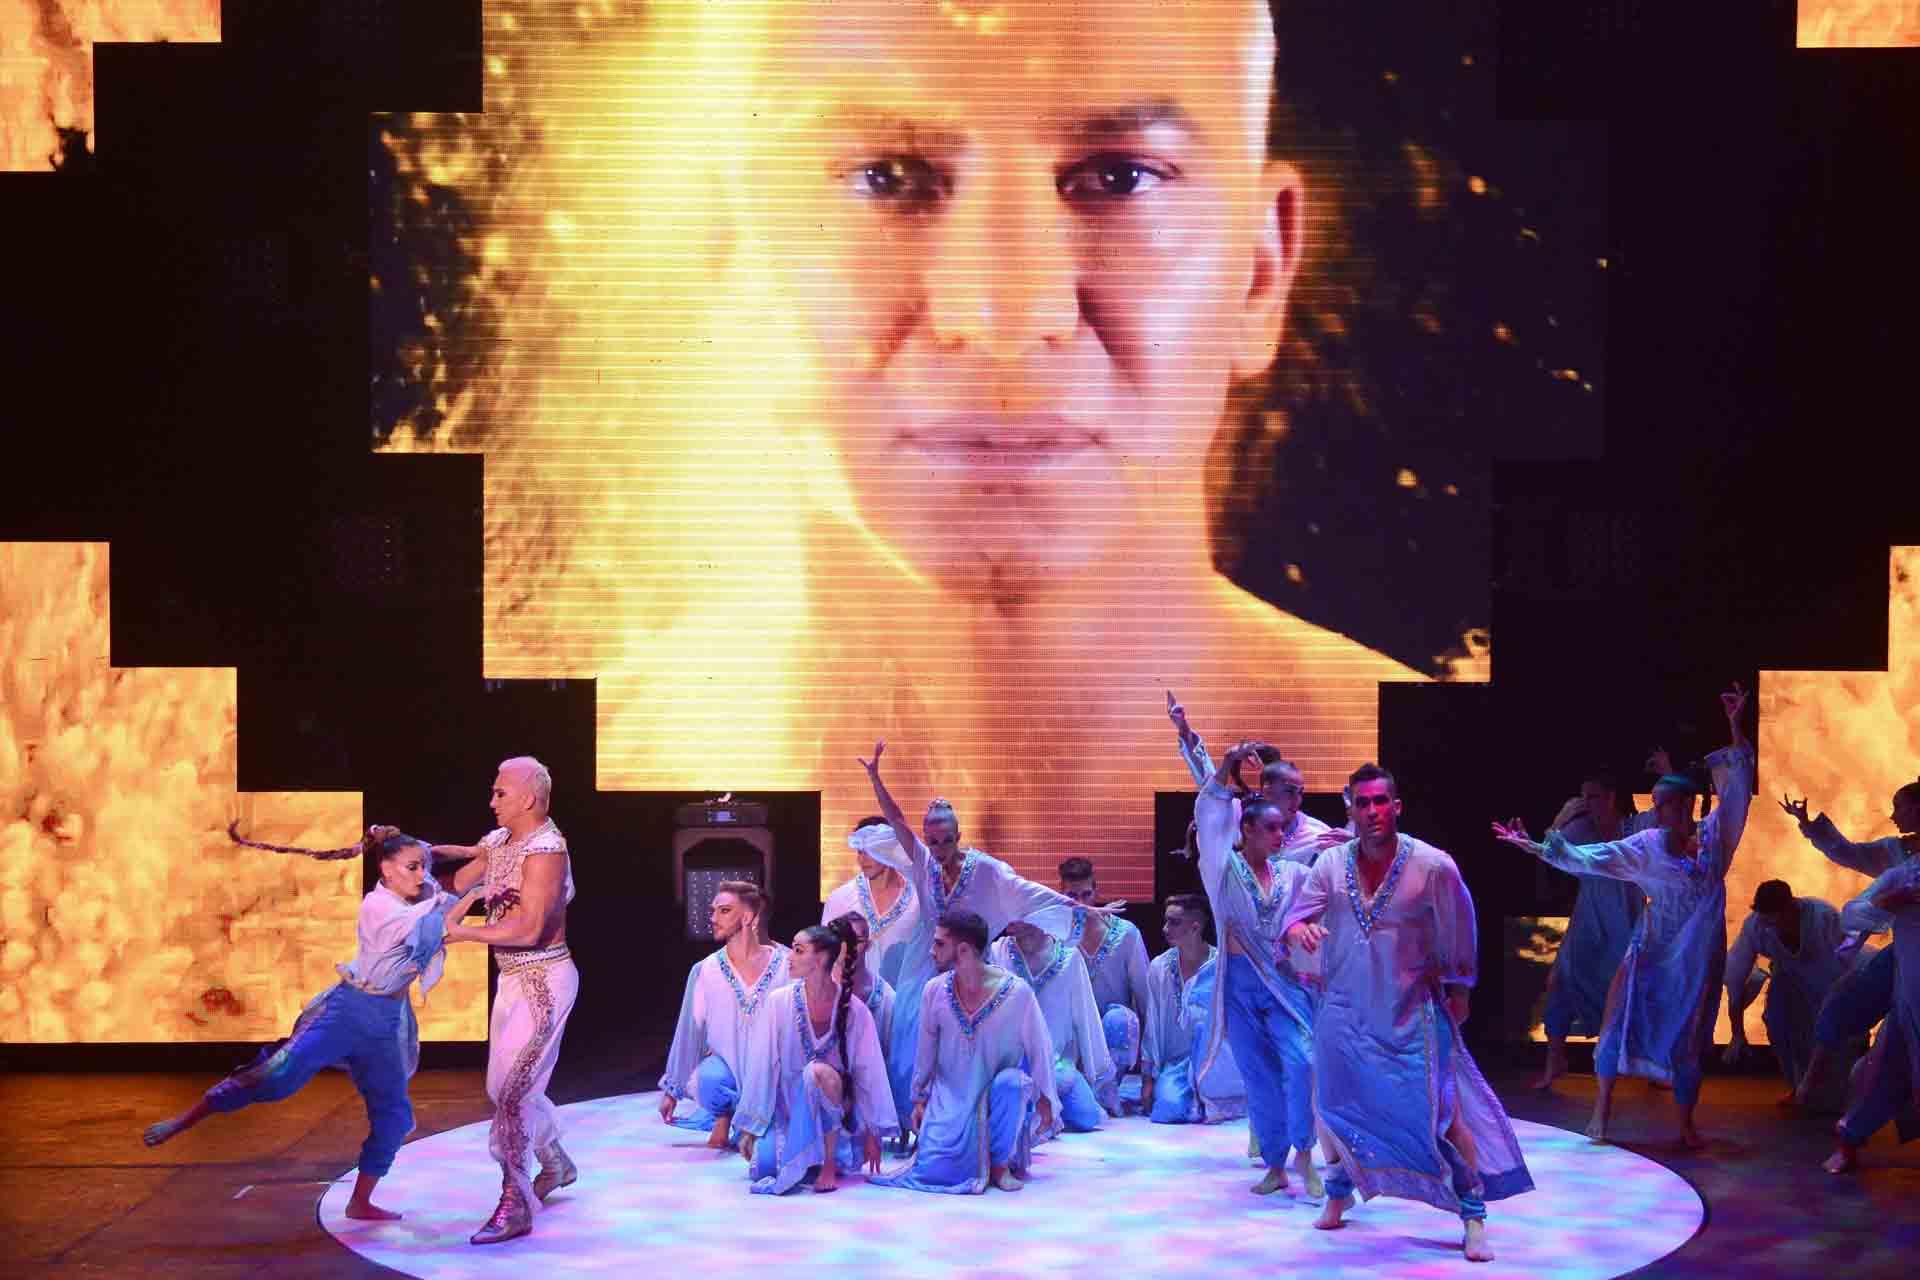 El espectáculo se presentó con éxito la temporada pasada en Córdoba y luego en Buenos Aires. Ahora regresa completamente renovado